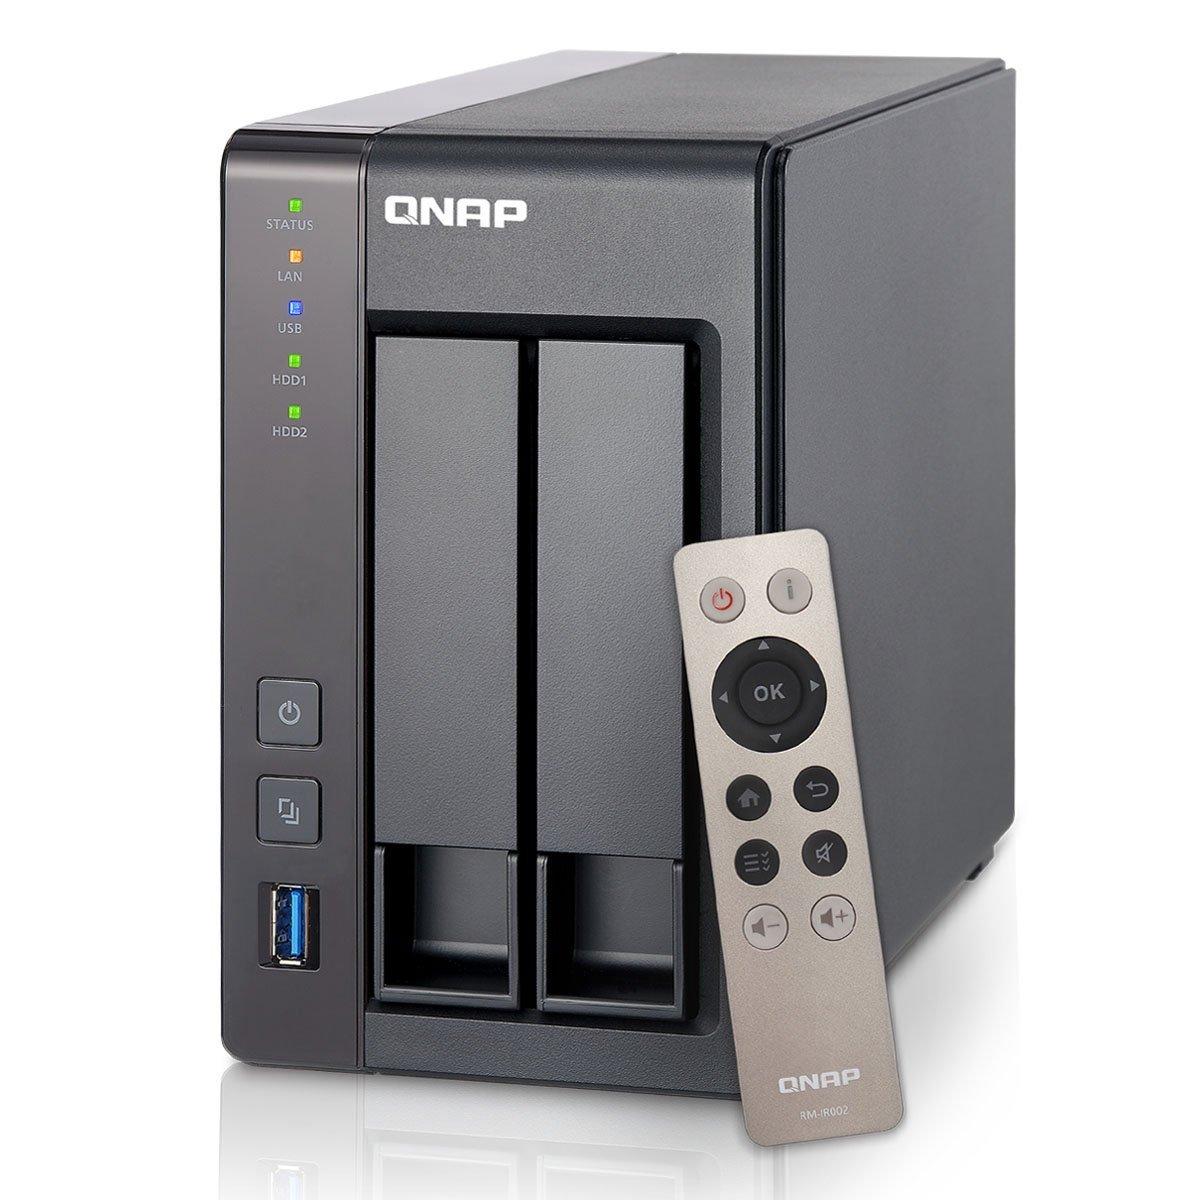 QNAP TS-251+ 2-Bay Personal Cloud NAS  $289 + Free Shipping